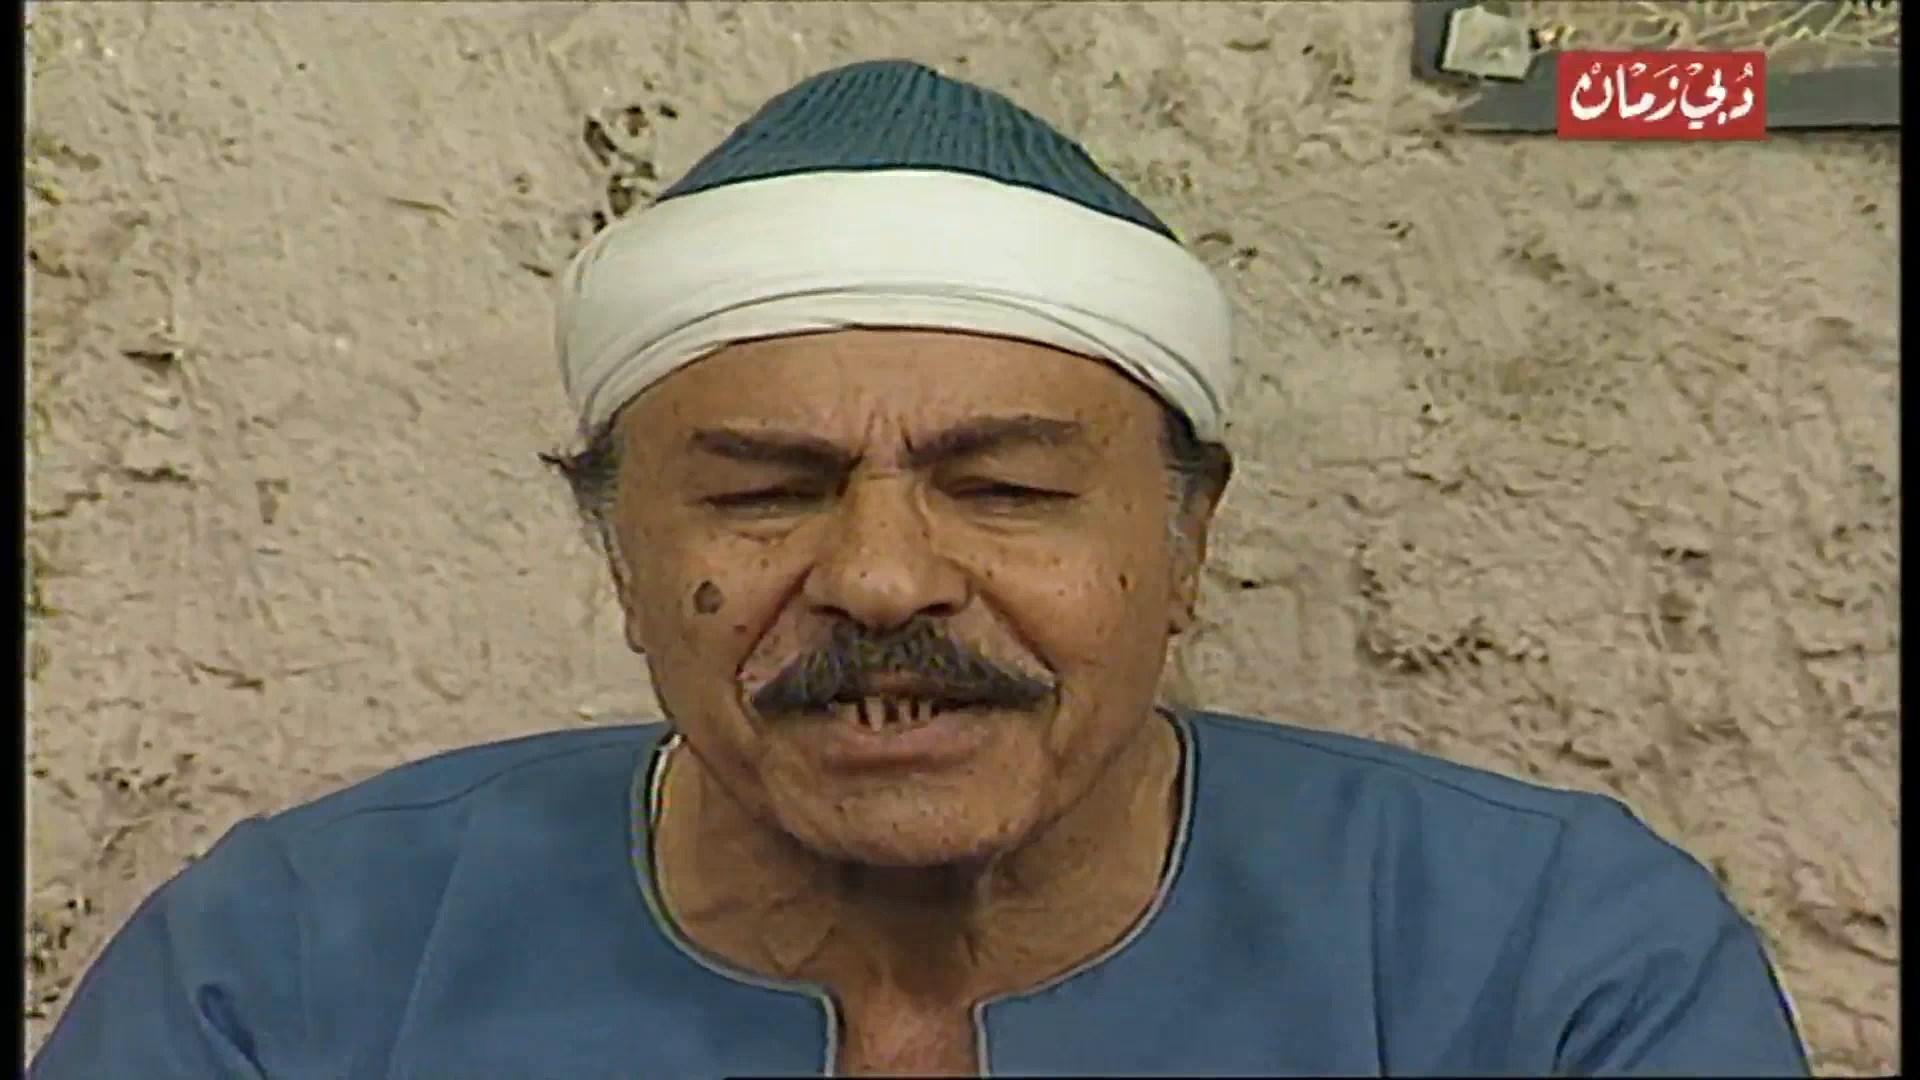 مسلسل الفدان الأخير (1992) 1080p تحميل تورنت 4 arabp2p.com